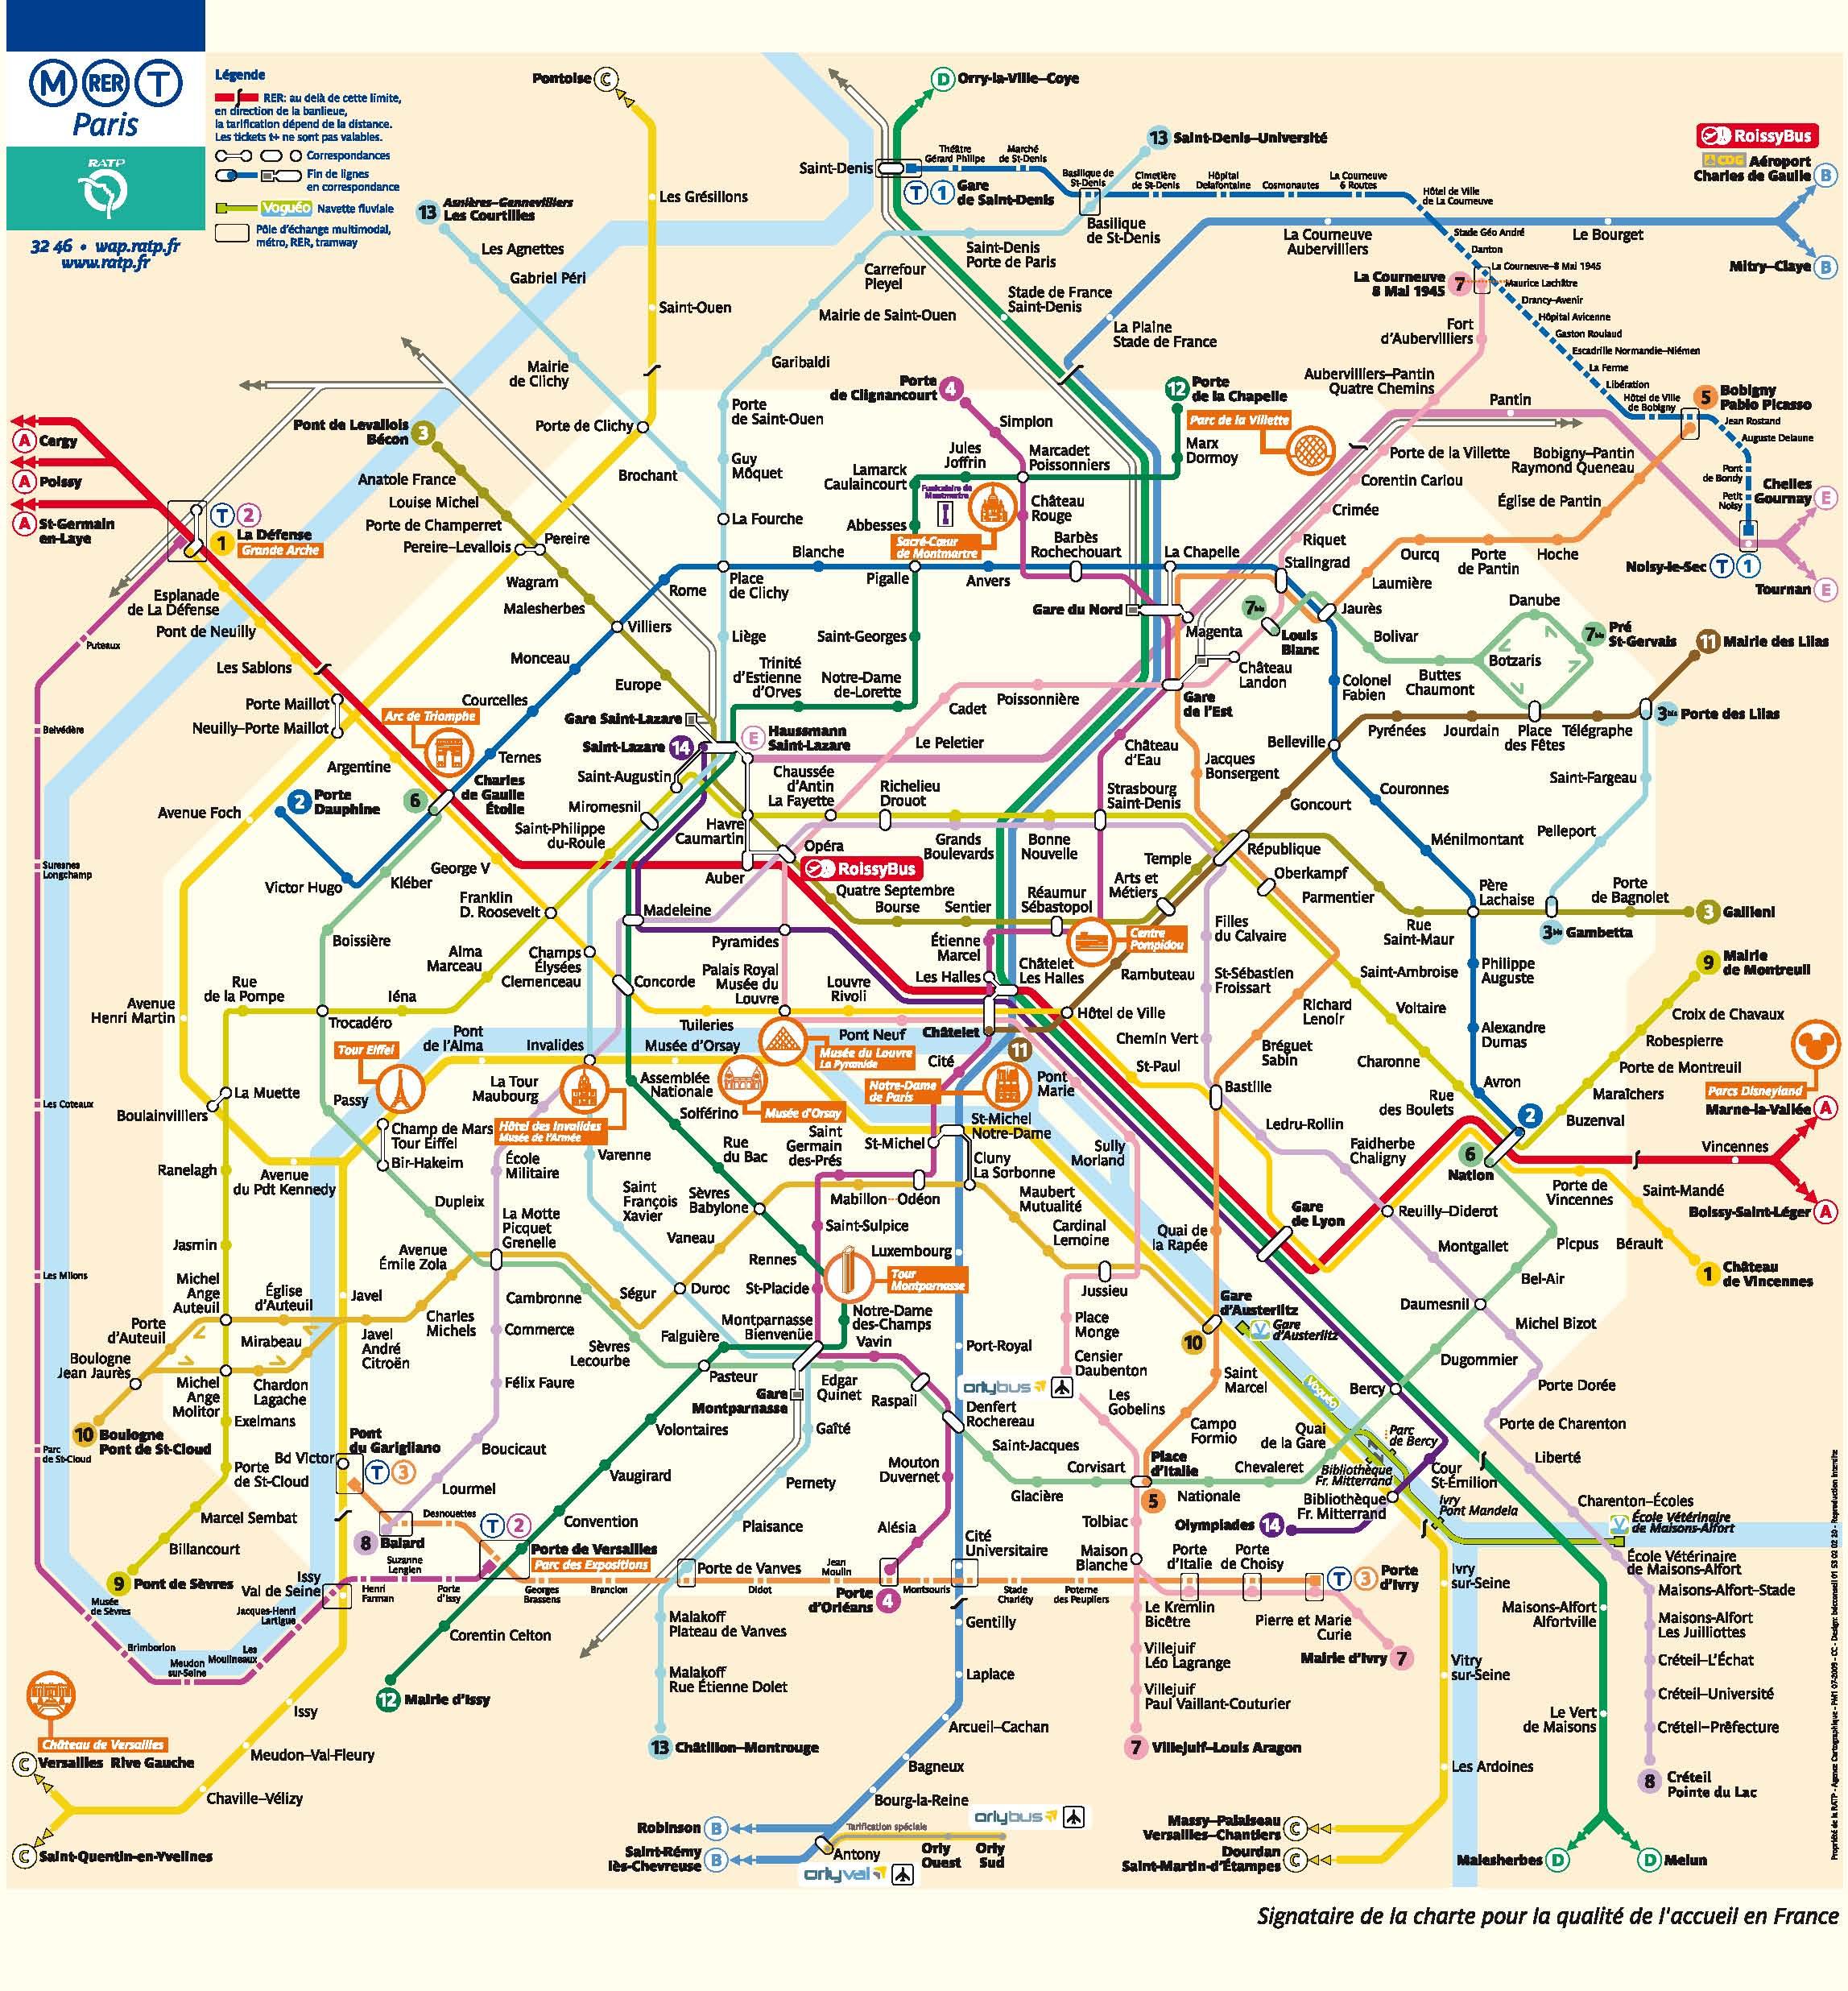 Verkehrsmittel Plan PAR JPG 077 MB